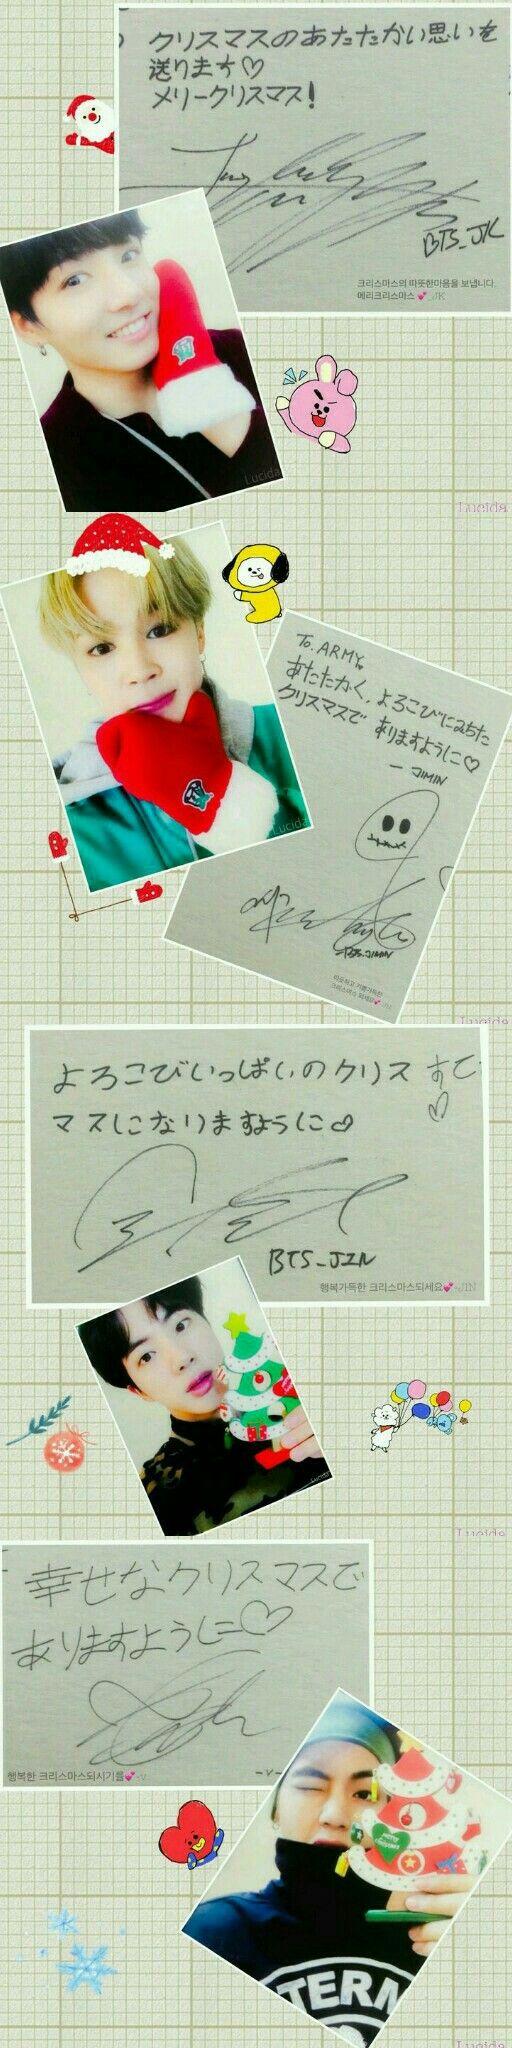 방탄소년단 • New Year's greeting card for members of the ...